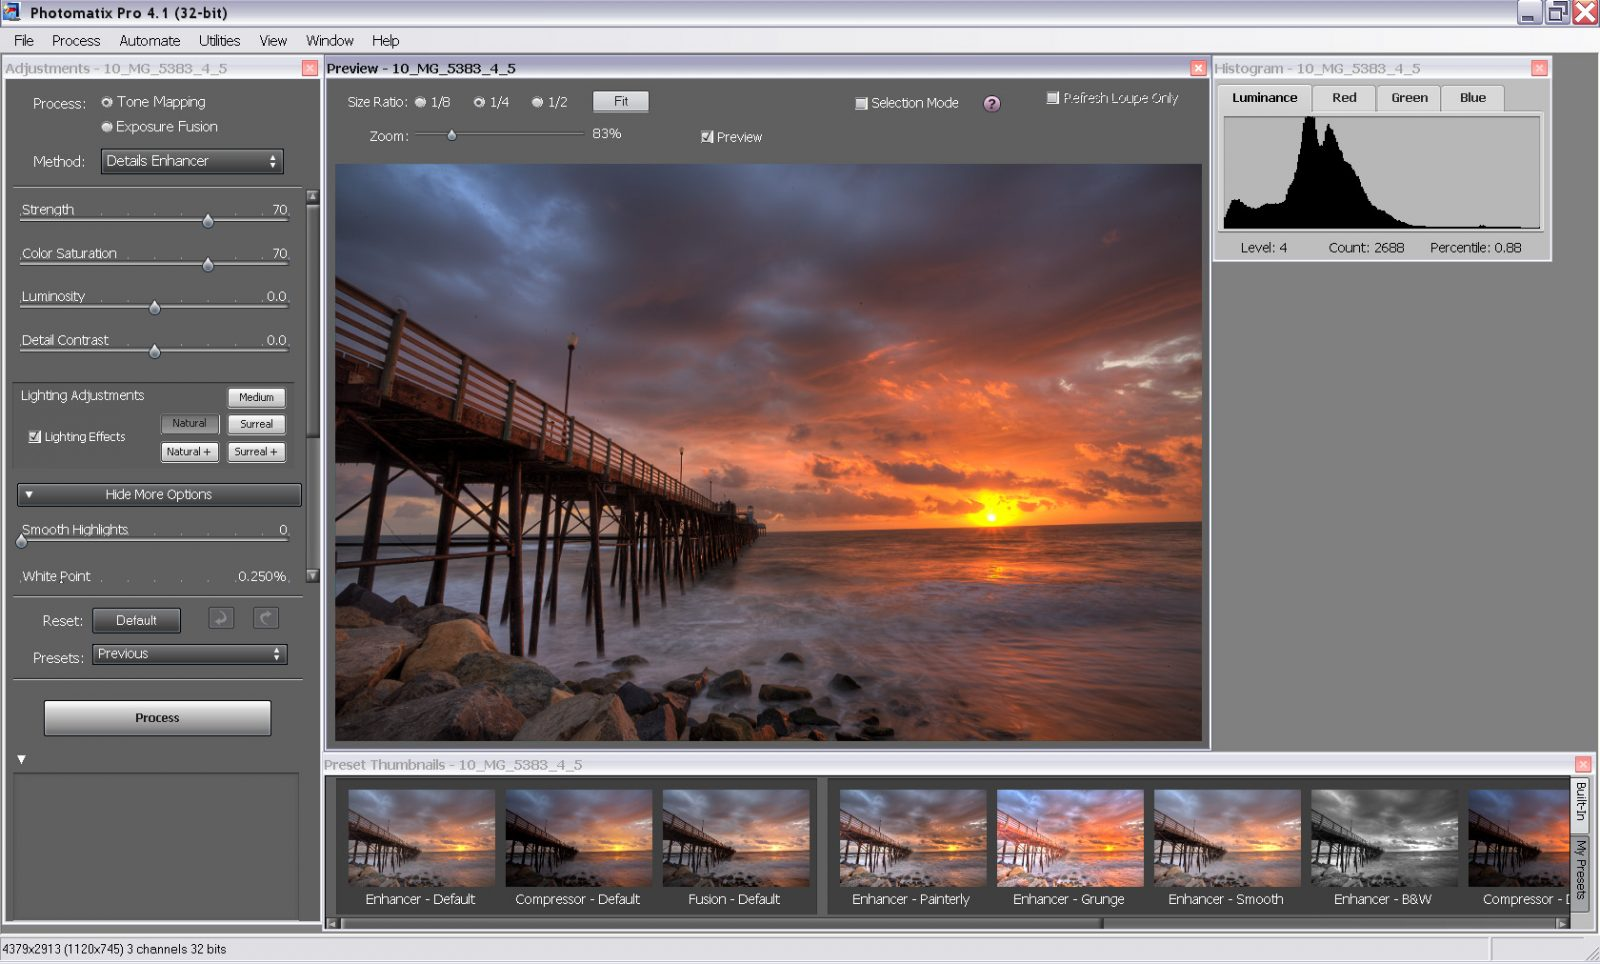 Photomatix Pro 6.2.1